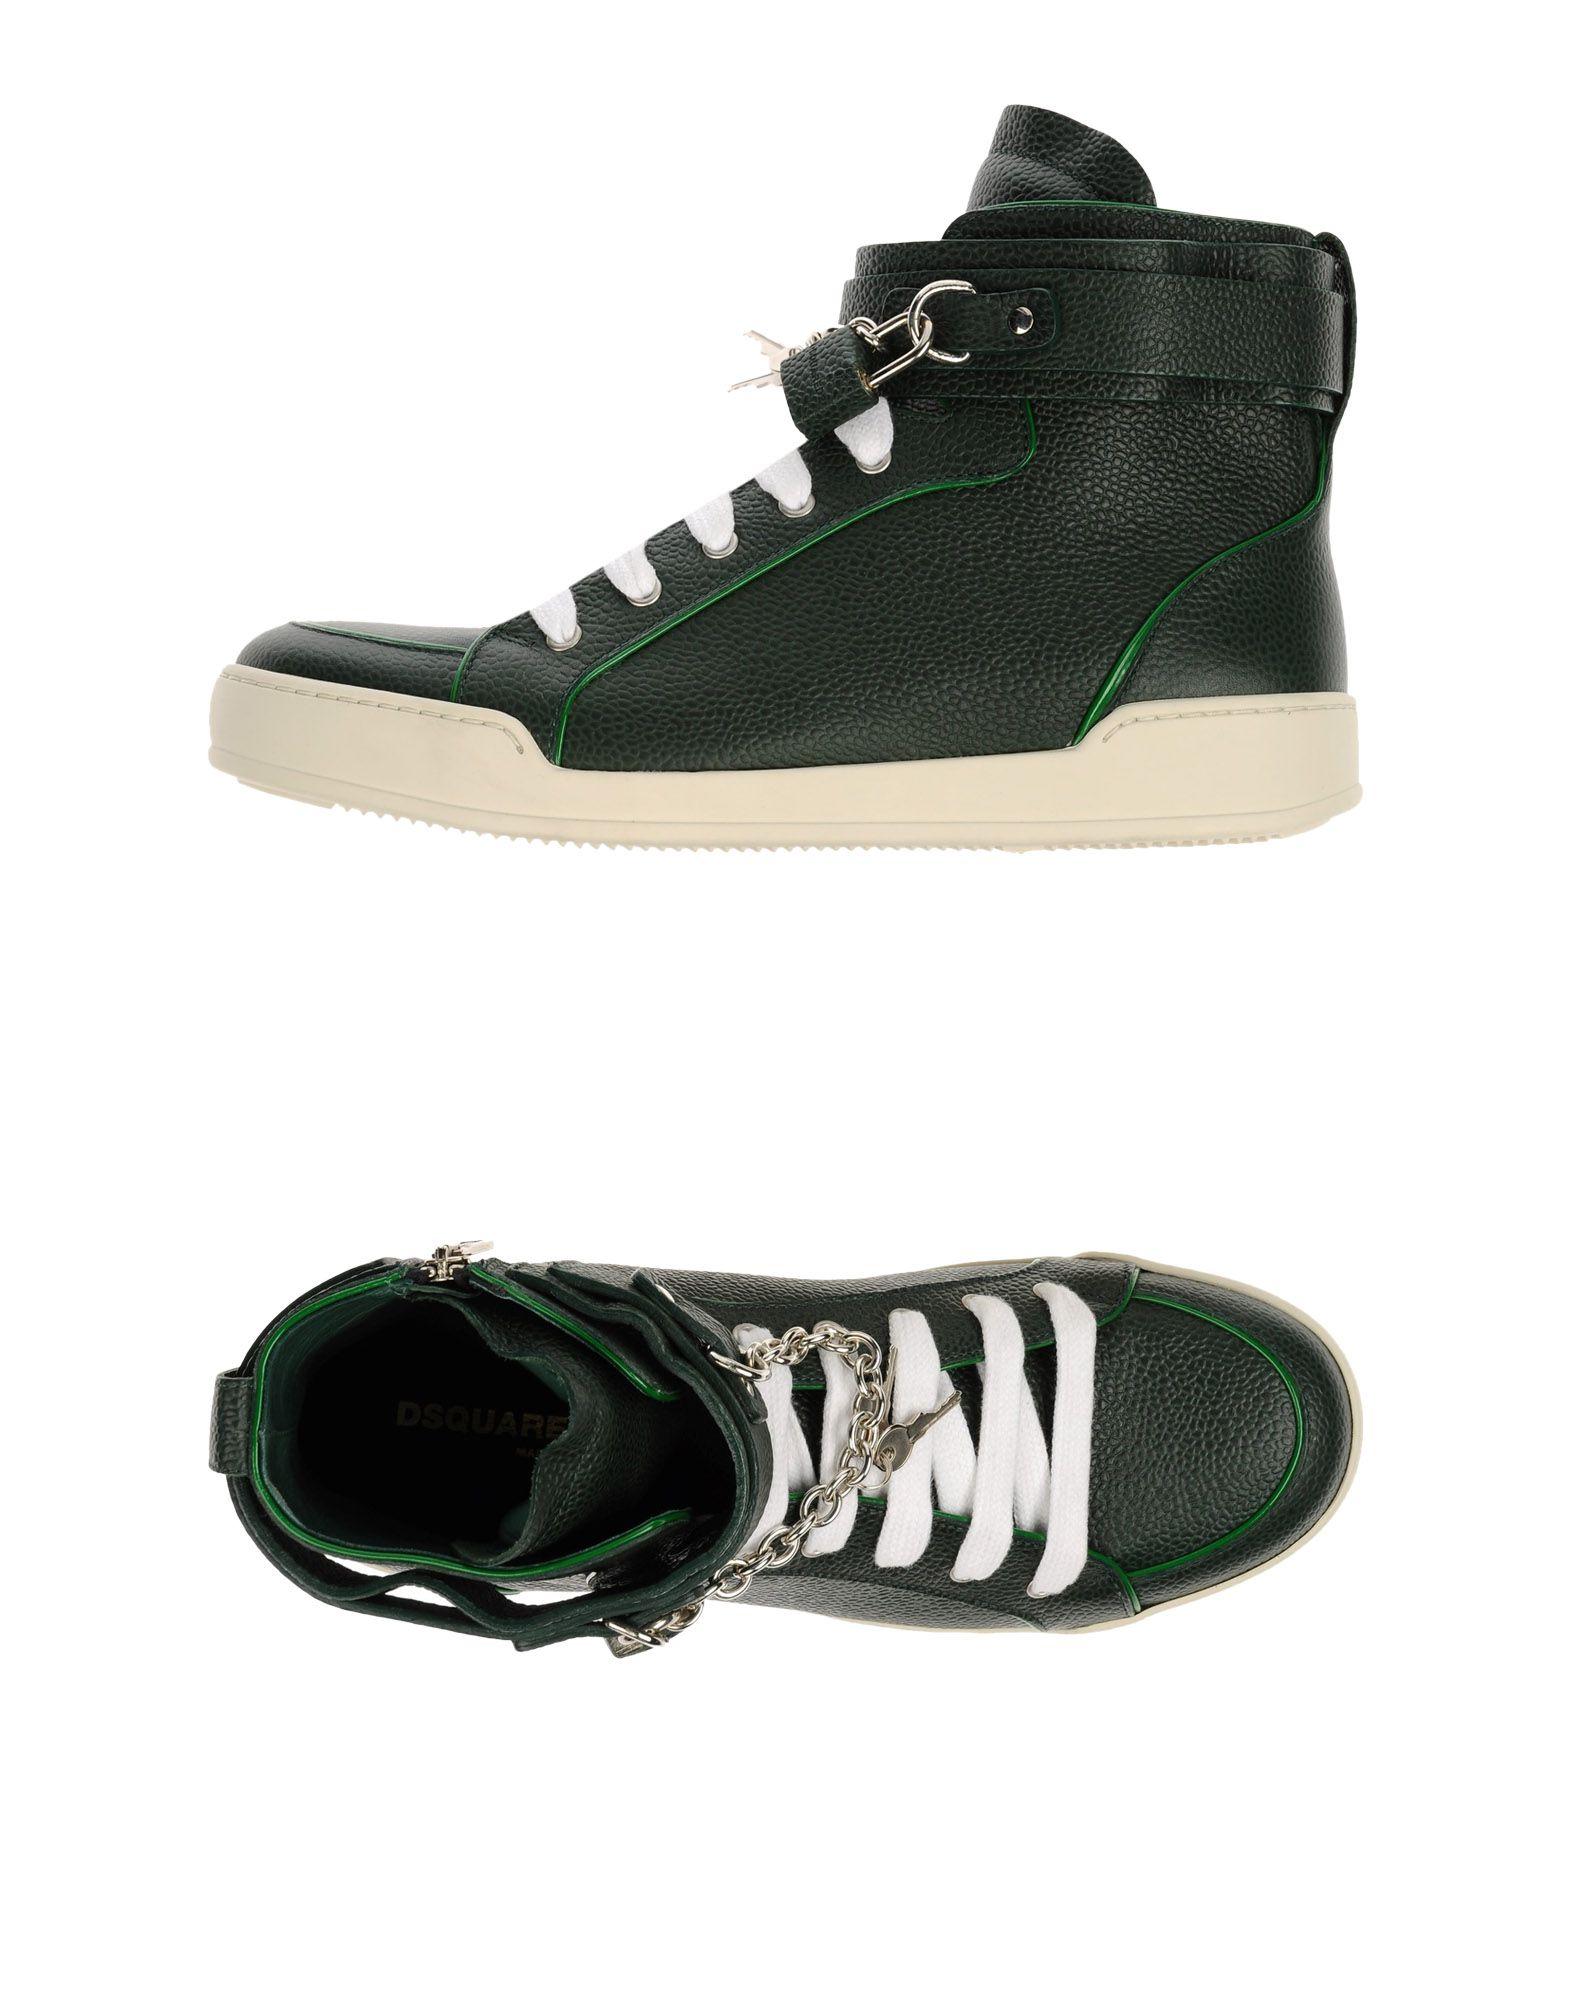 Dsquared2 Sneakers Herren beliebte  44935174SI Gute Qualität beliebte Herren Schuhe 4d2ca0